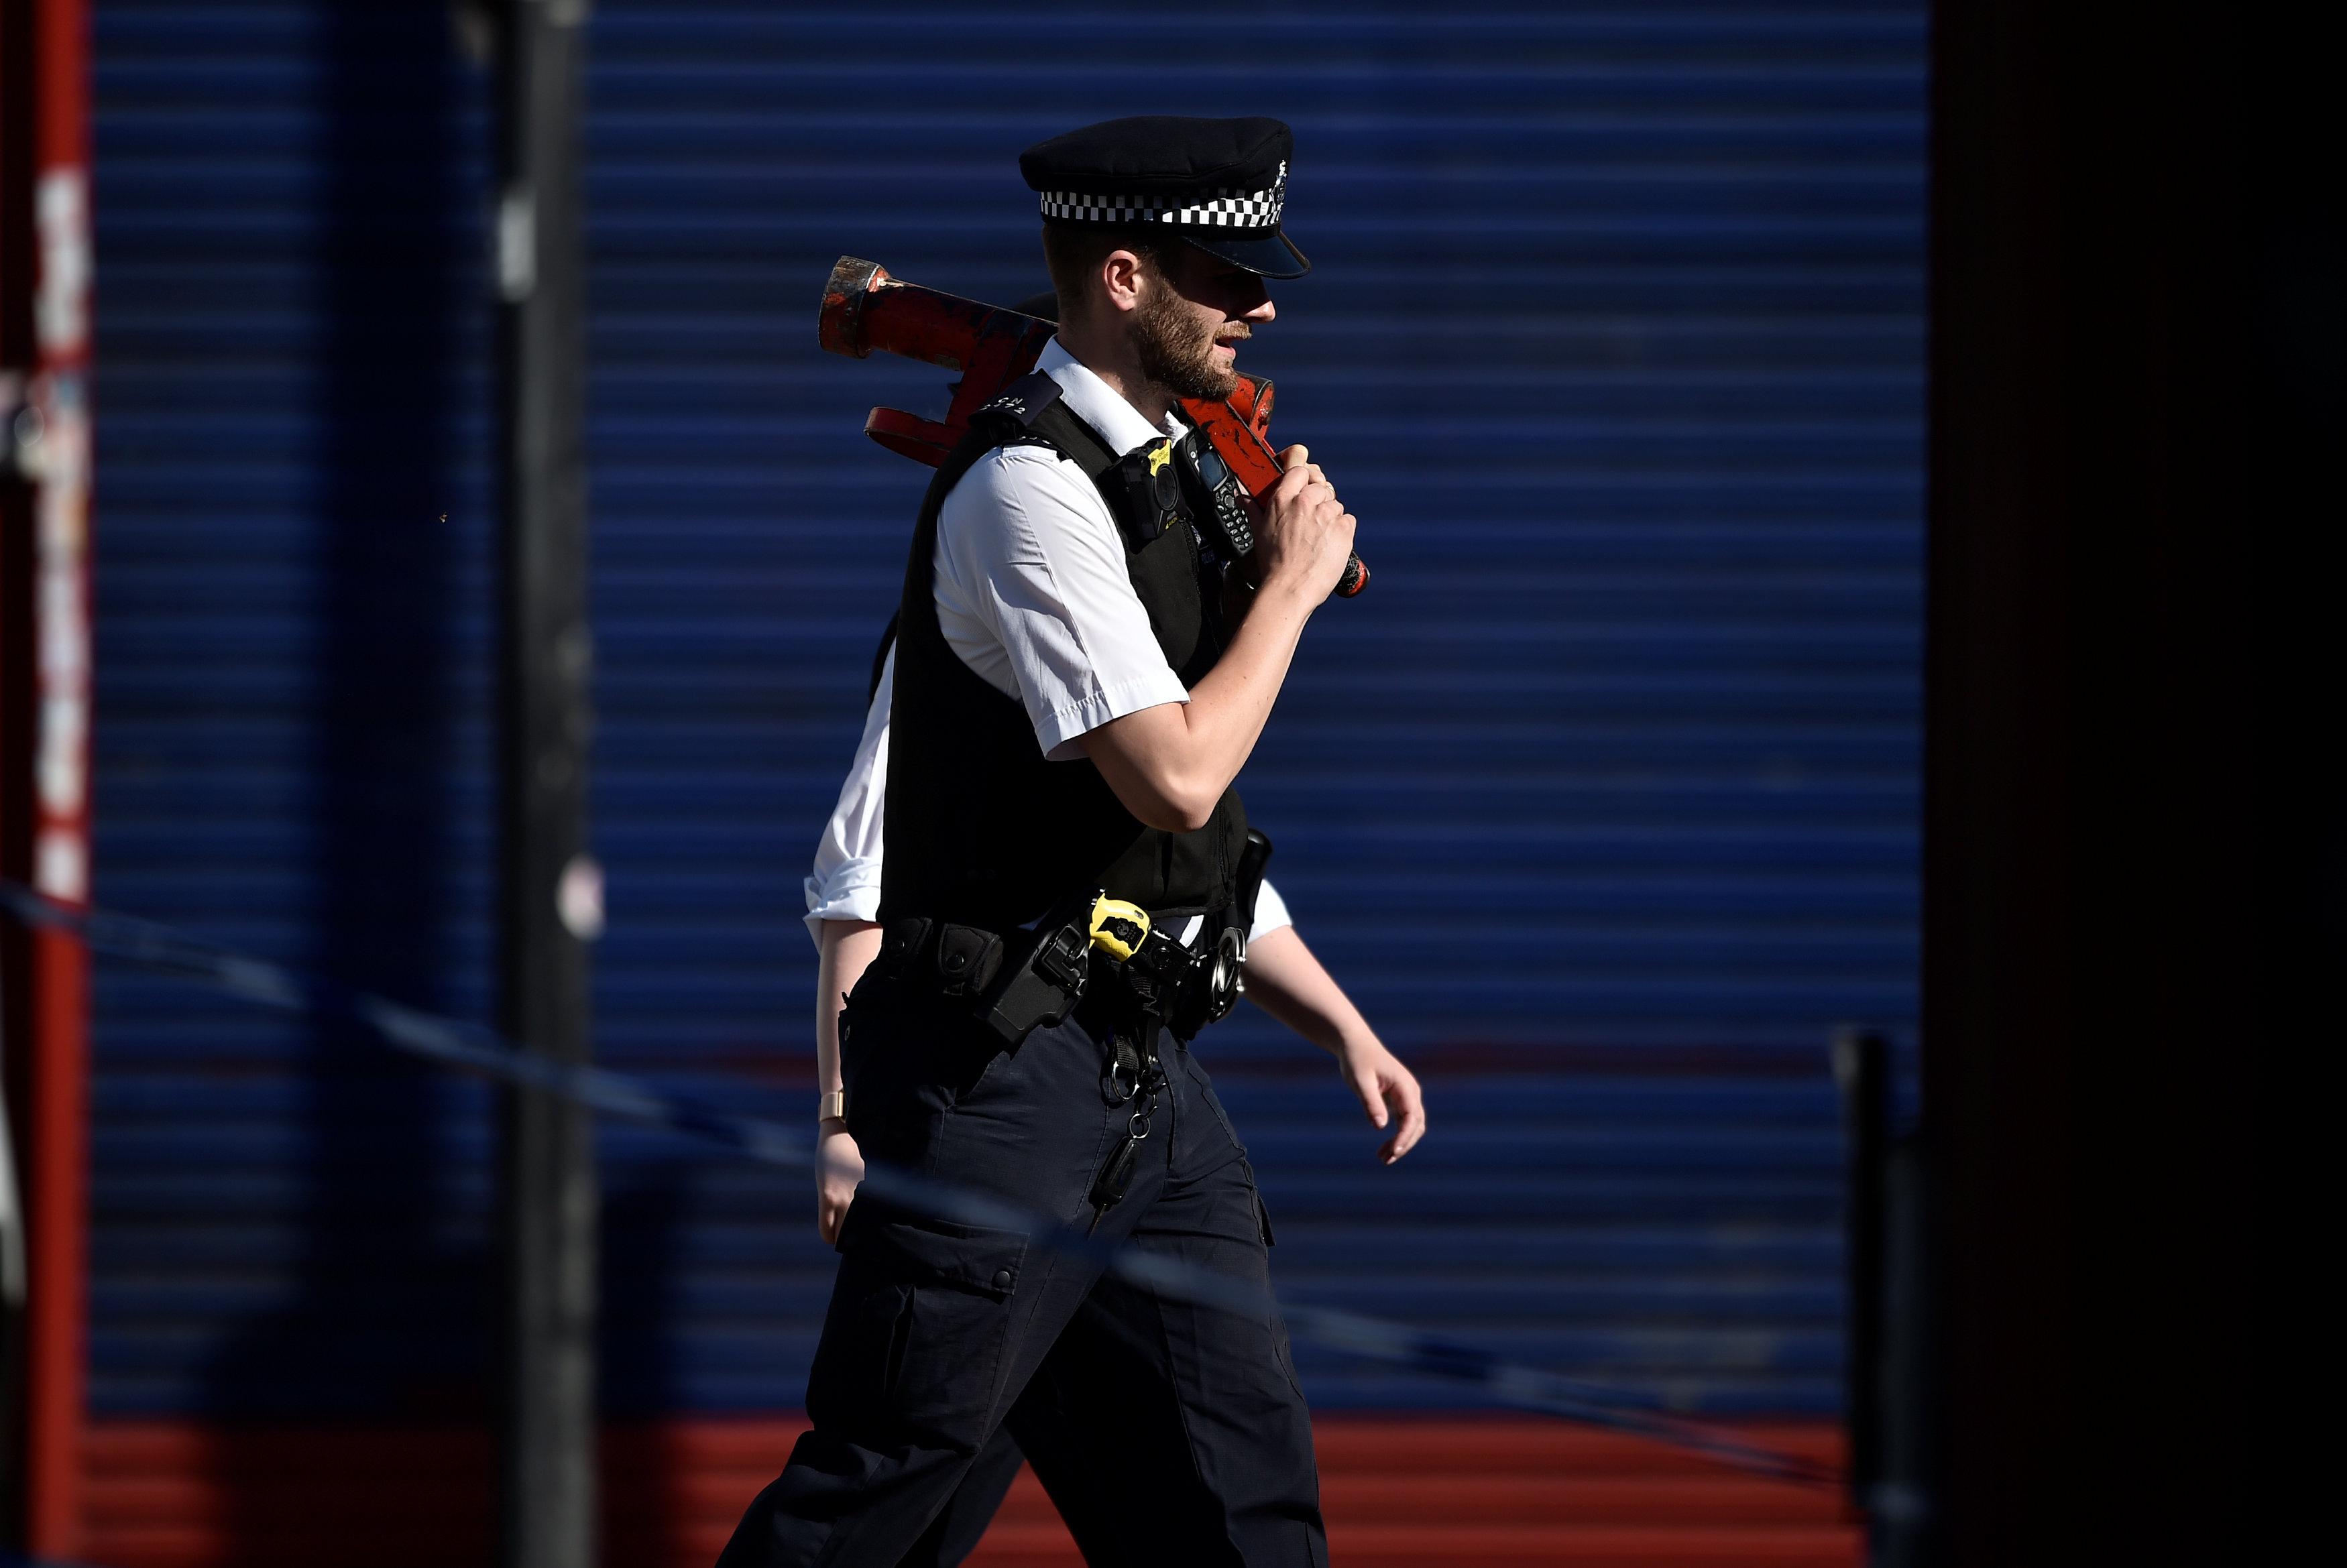 الشرطة البريطانية تنتشر فى موقع الحادث